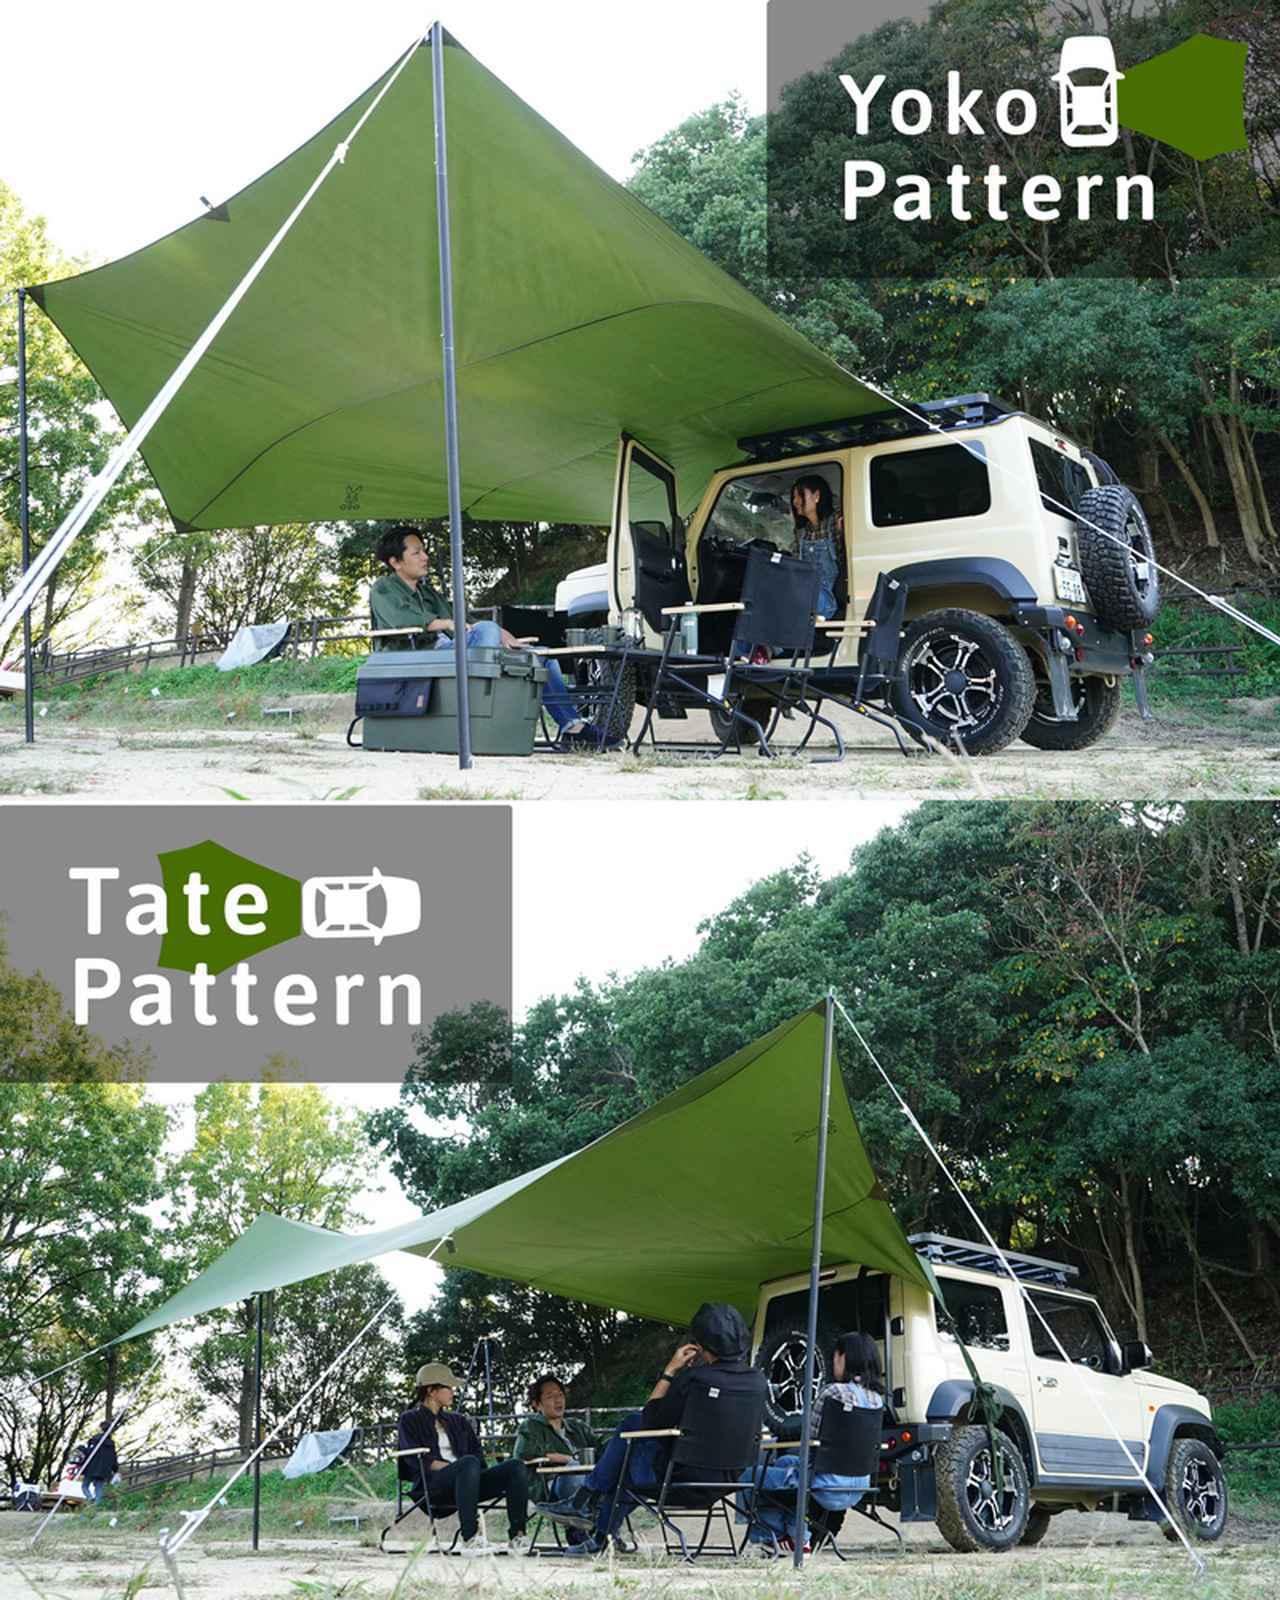 画像3: 建てやすさと快適性を両立。今日はどこでトゥギャザーしようカー?